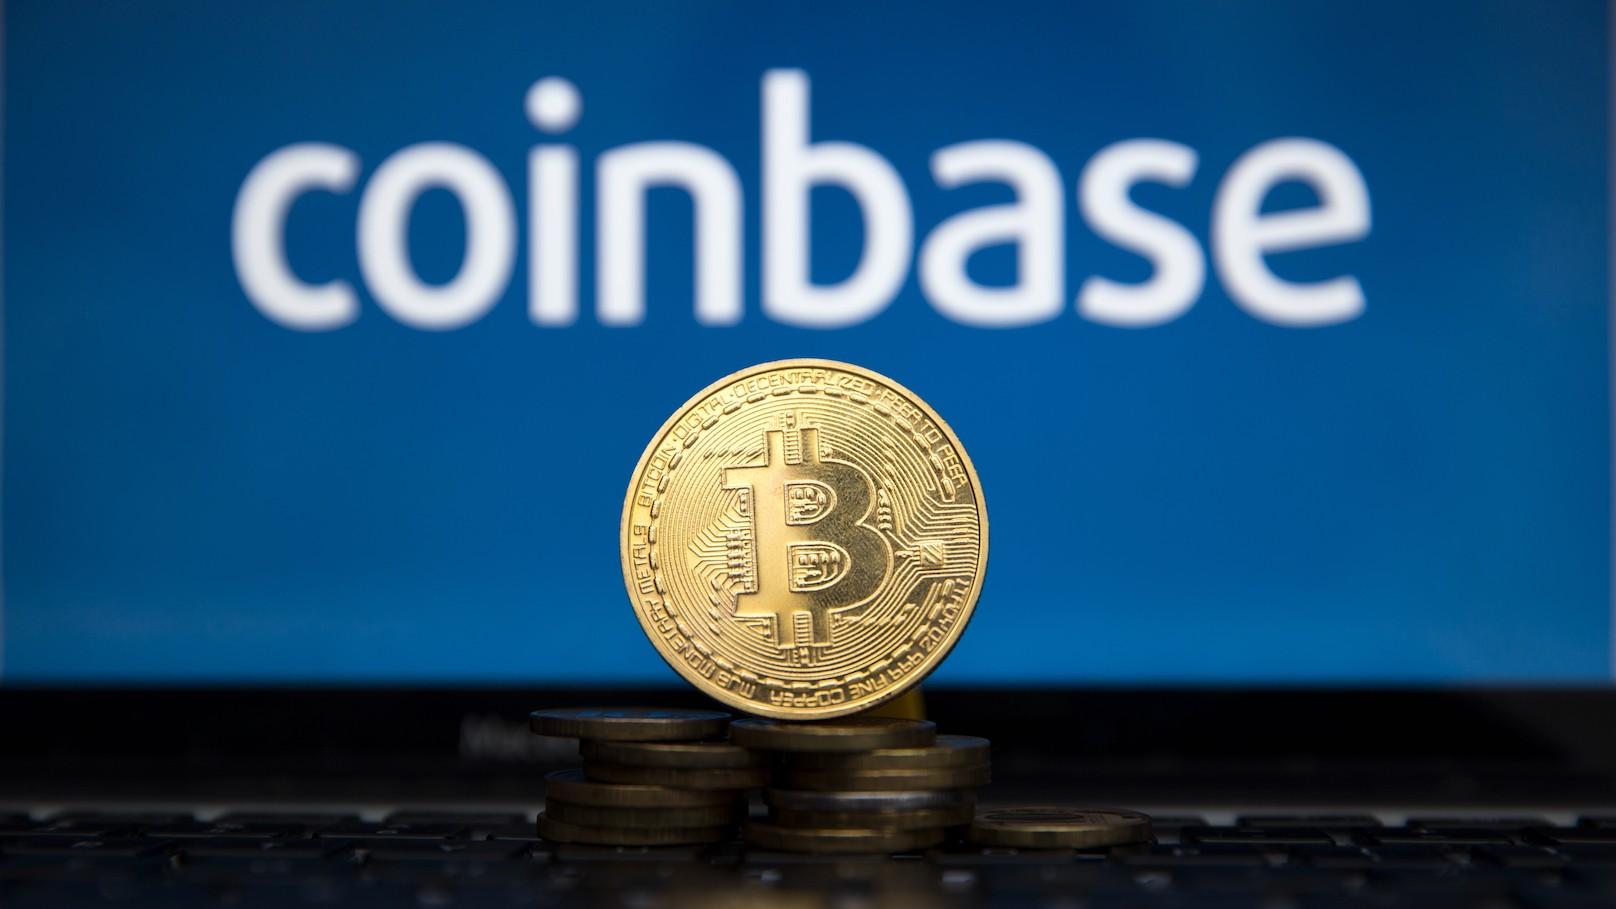 coinbase help desk number